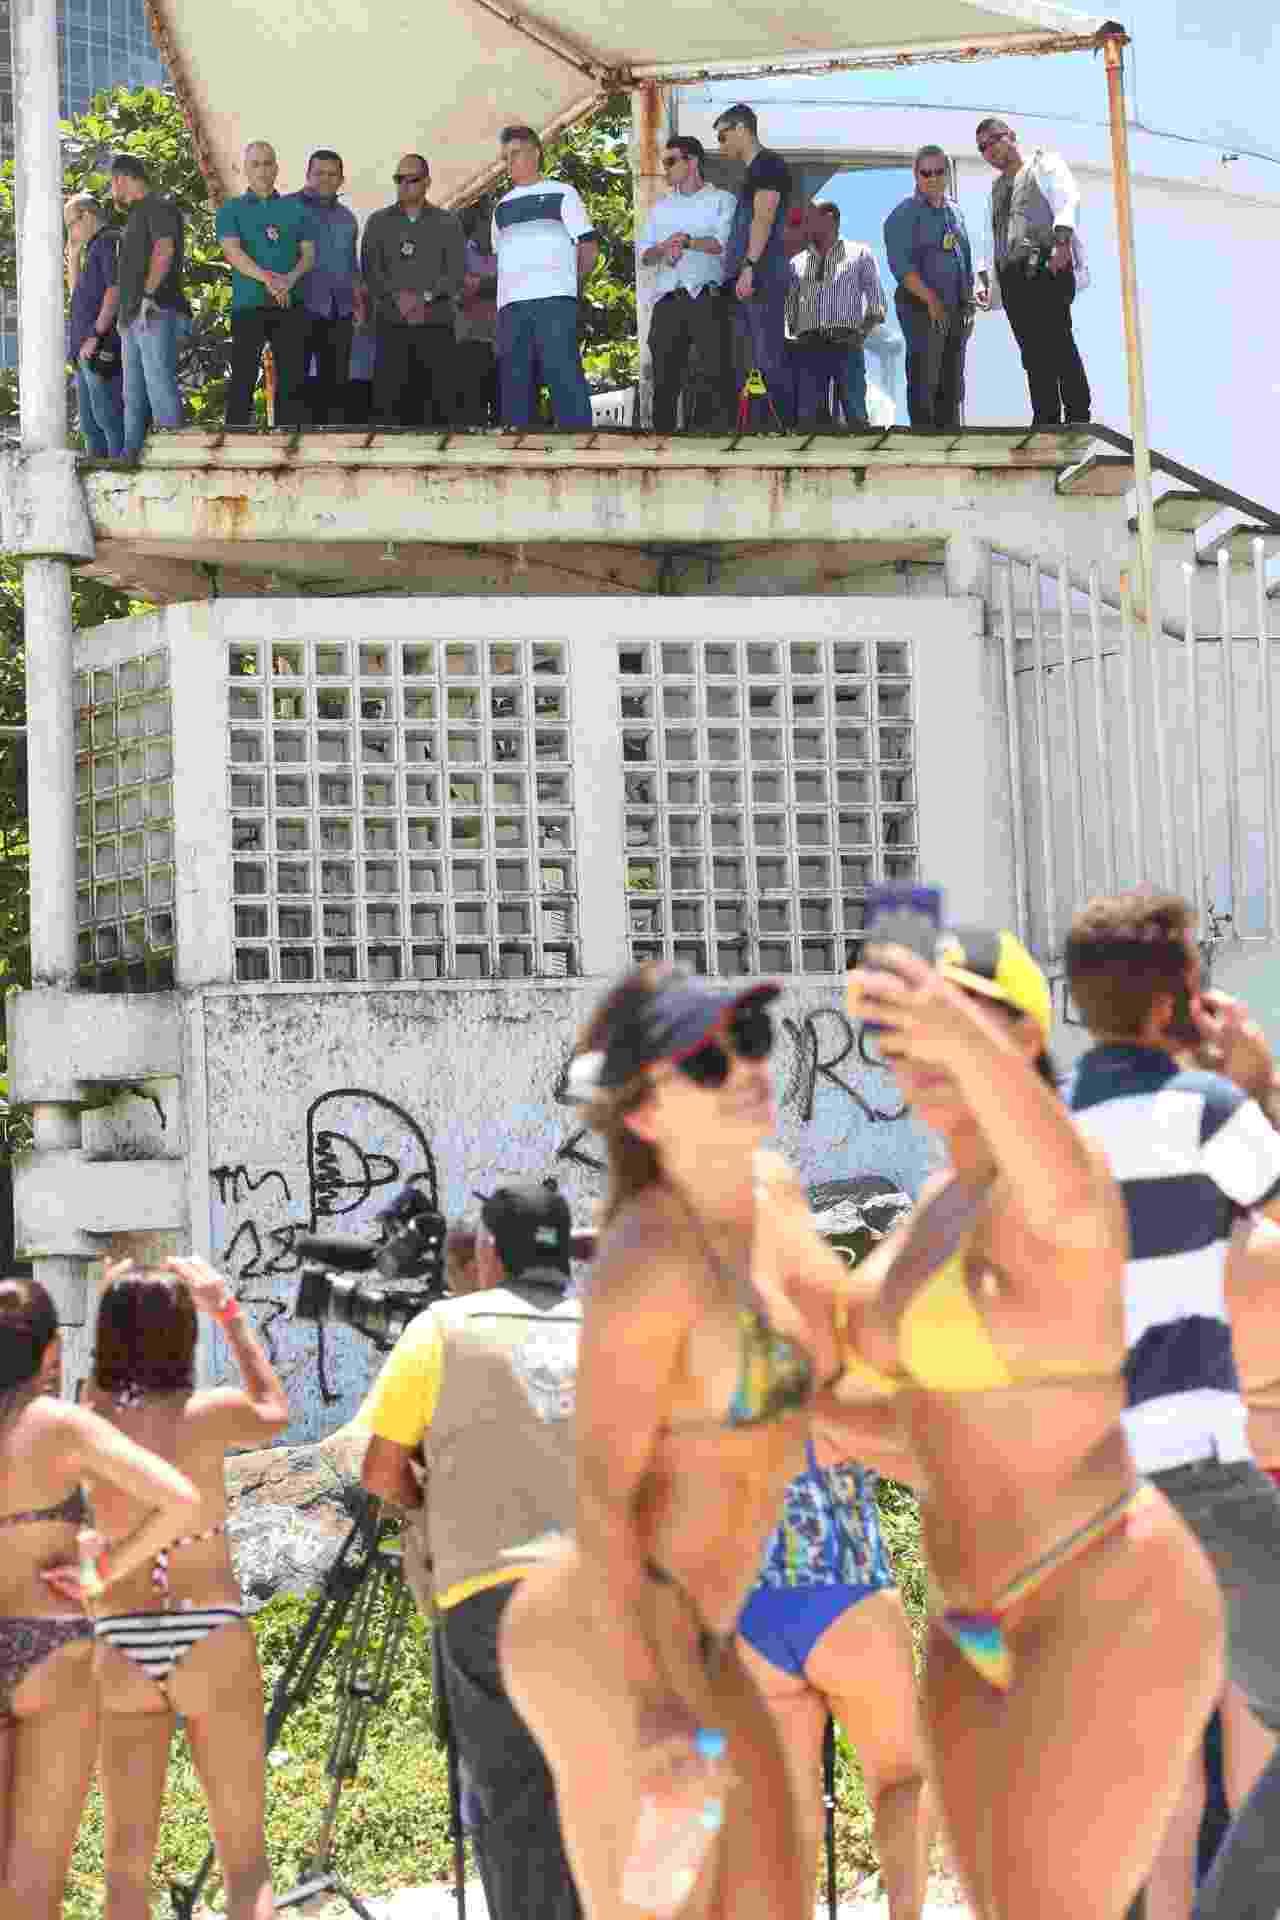 31.out.2018 - O presidente eleito Jair Bolsonaro (PSL) deixou sua casa em um condomínio na Barra da Tijuca, zona oeste do Rio de Janeiro, e foi à praia por 30 minutos, nesta quarta-feira, 31. Cercado por pelo menos duas dezenas de agentes da Polícia Federal e também com o apoio de policiais militares, ele ficou na guarita do Posto 4, na Praia da Barra, para assistir a uma apresentação de pilotos acrobáticos privados em sua homenagem - Wilton Junior/Estadão Conteúdo